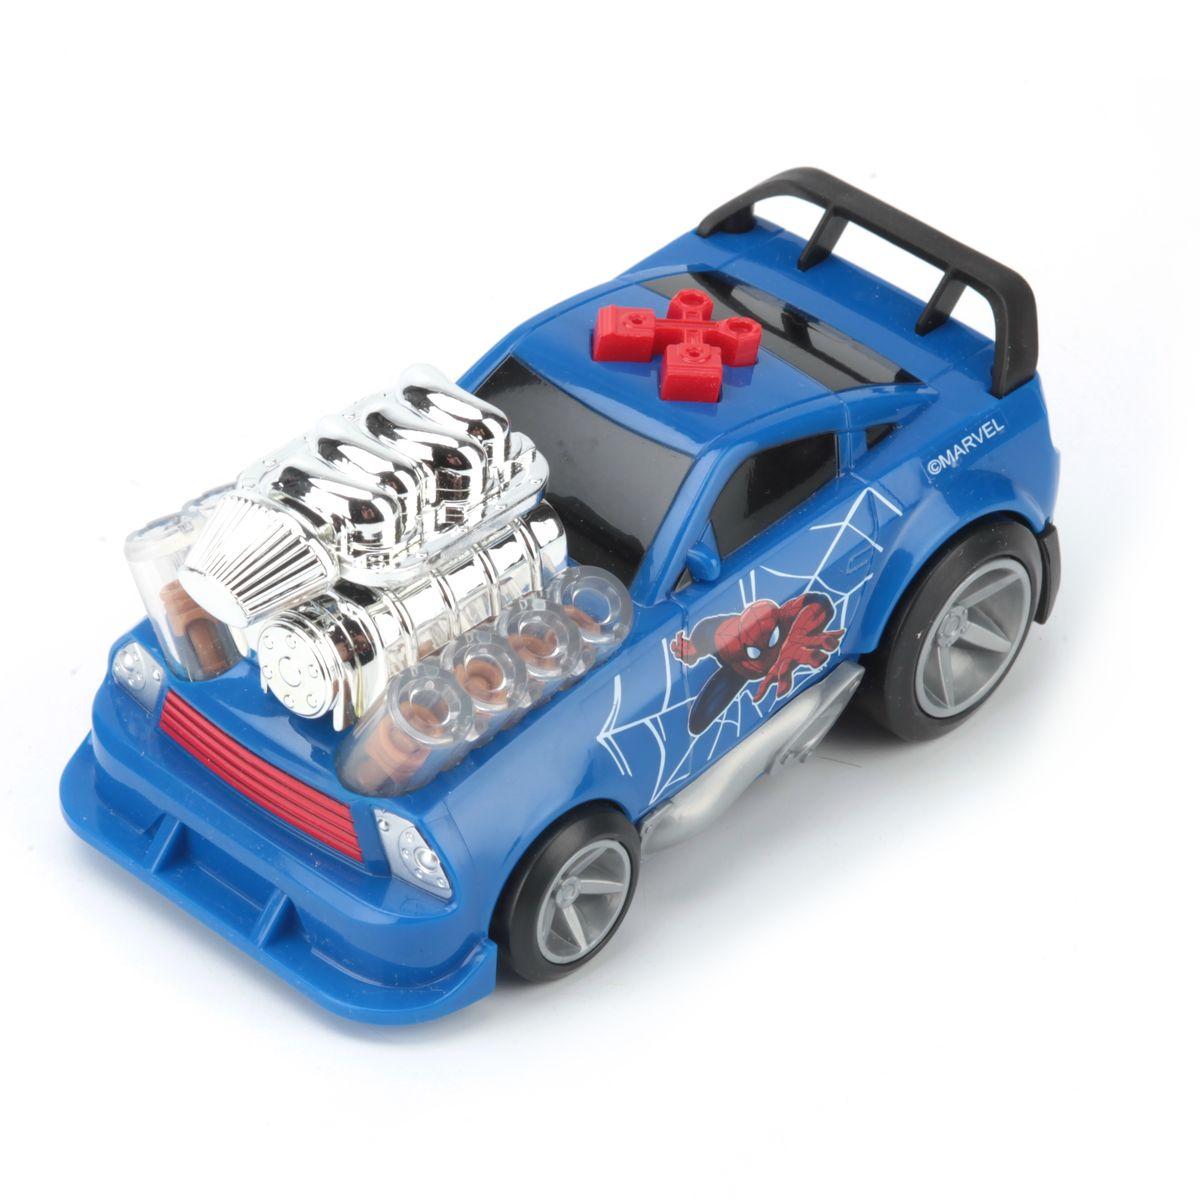 Toystate Машина Человек-паук цвет голубой90651SPЯркая машинка Человек-паук со звуковыми и световыми эффектами, несомненно, понравится вашему ребенку и не позволит ему скучать. Игрушка выполнена в виде большой яркой гоночной машины с силовой установкой на капоте. На корпусе машины расположены 2 кнопки, каждая из которых имеет свое музыкальное сопровождение (мелодия и звук мотора). Световые эффекты в подсветке открытого двигателя. Свободный ход колес. Ваш ребенок часами будет играть с машинкой, придумывая различные истории и устраивая соревнования. Порадуйте его таким замечательным подарком! Рекомендуется докупить 3 батарейки AА (товар комплектуется демонстрационными).